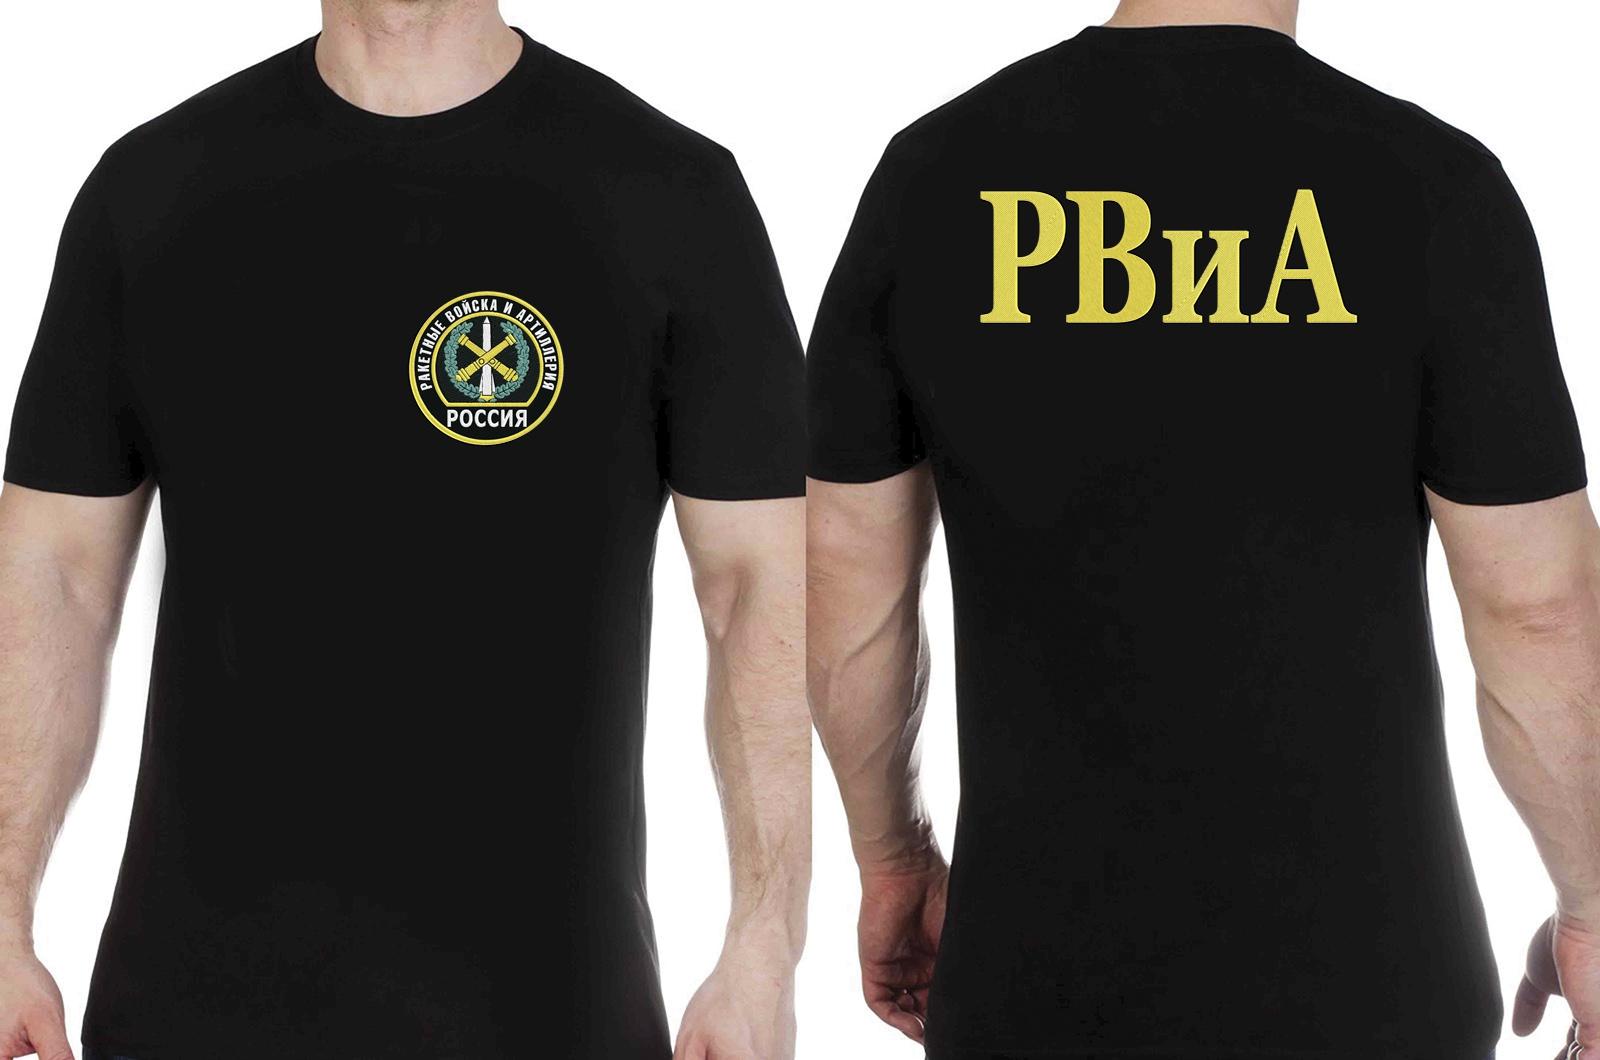 Заказать футболку с вышитой эмблемой РВиА